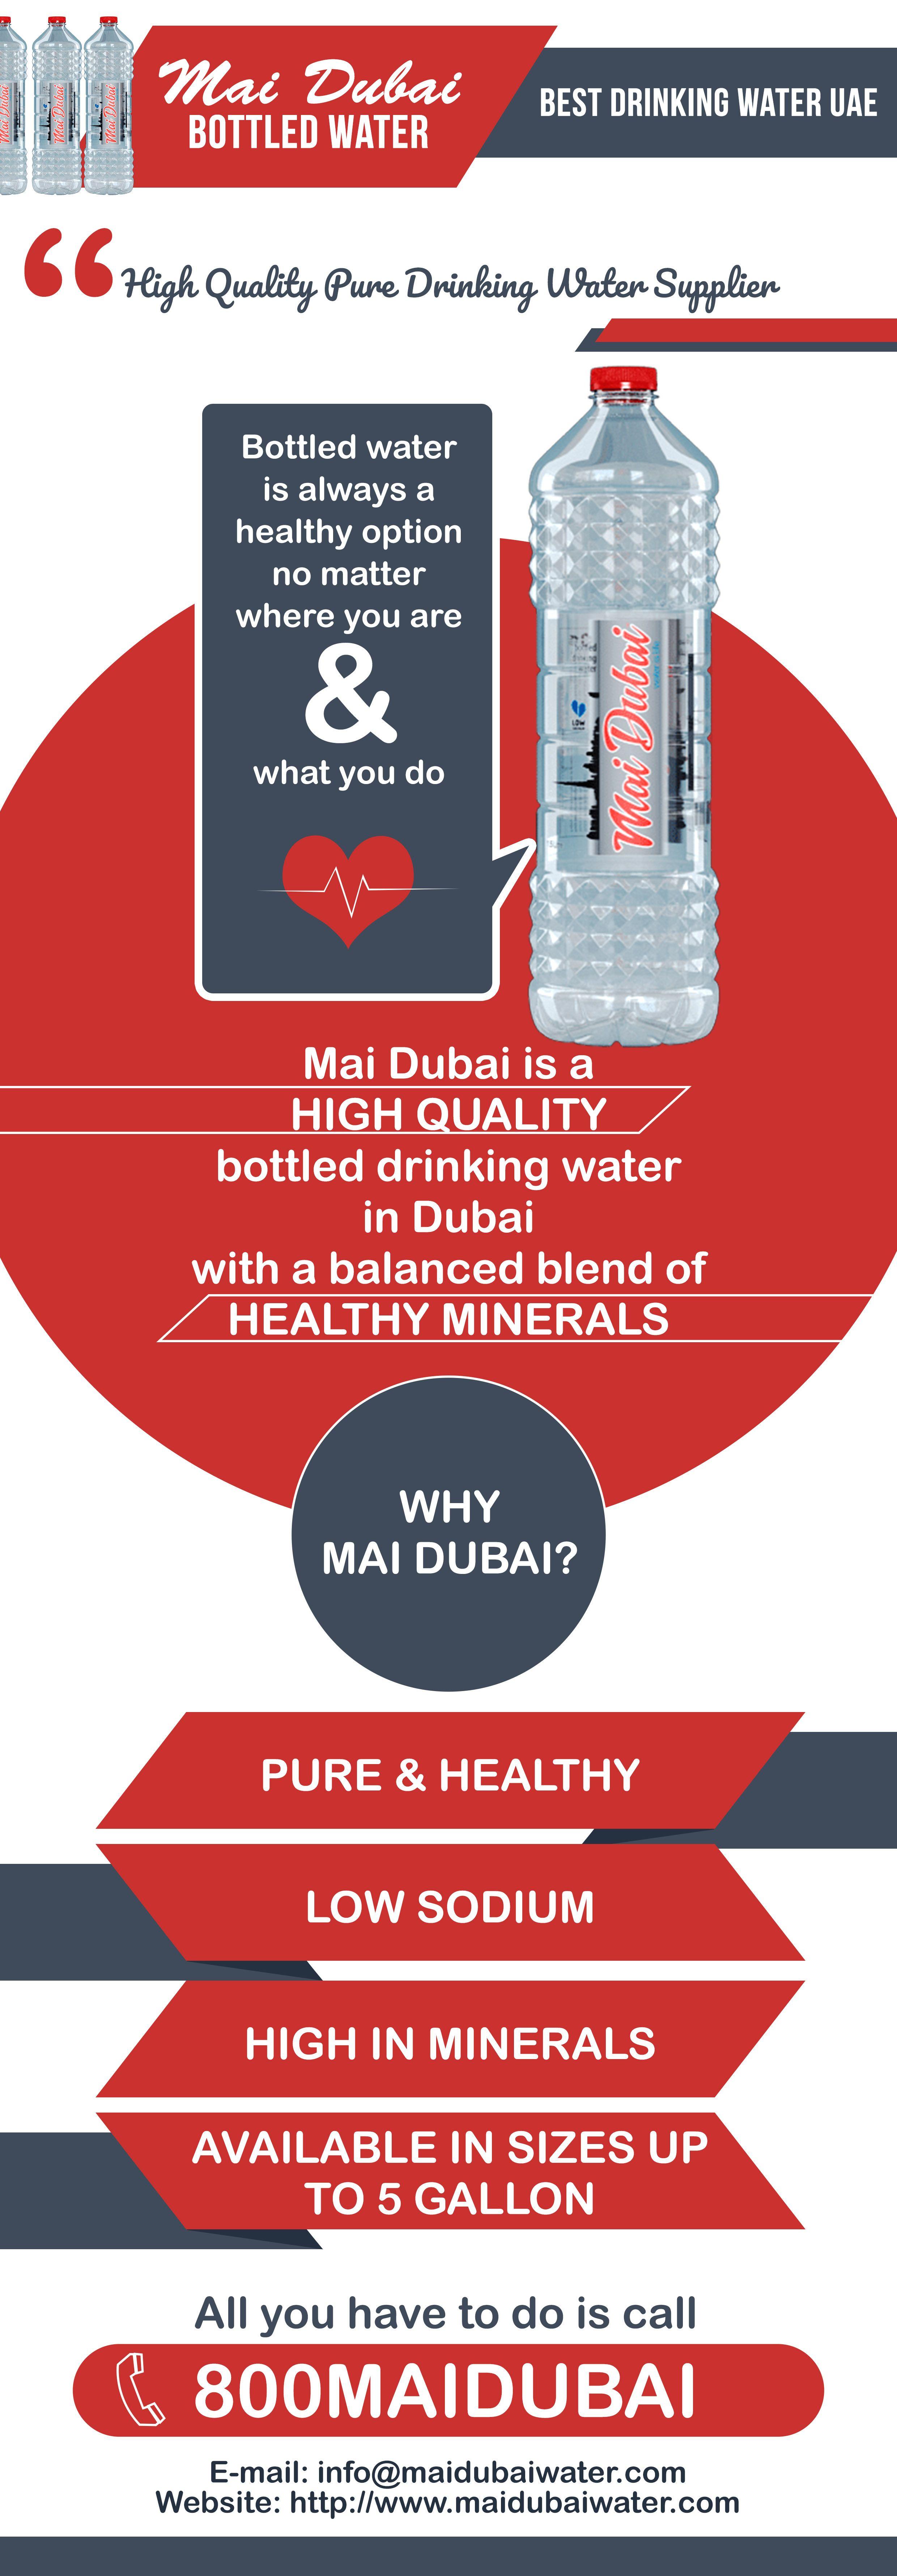 Pin by Joe McVey on Bottled Drinking Water in Dubai   Drinking water